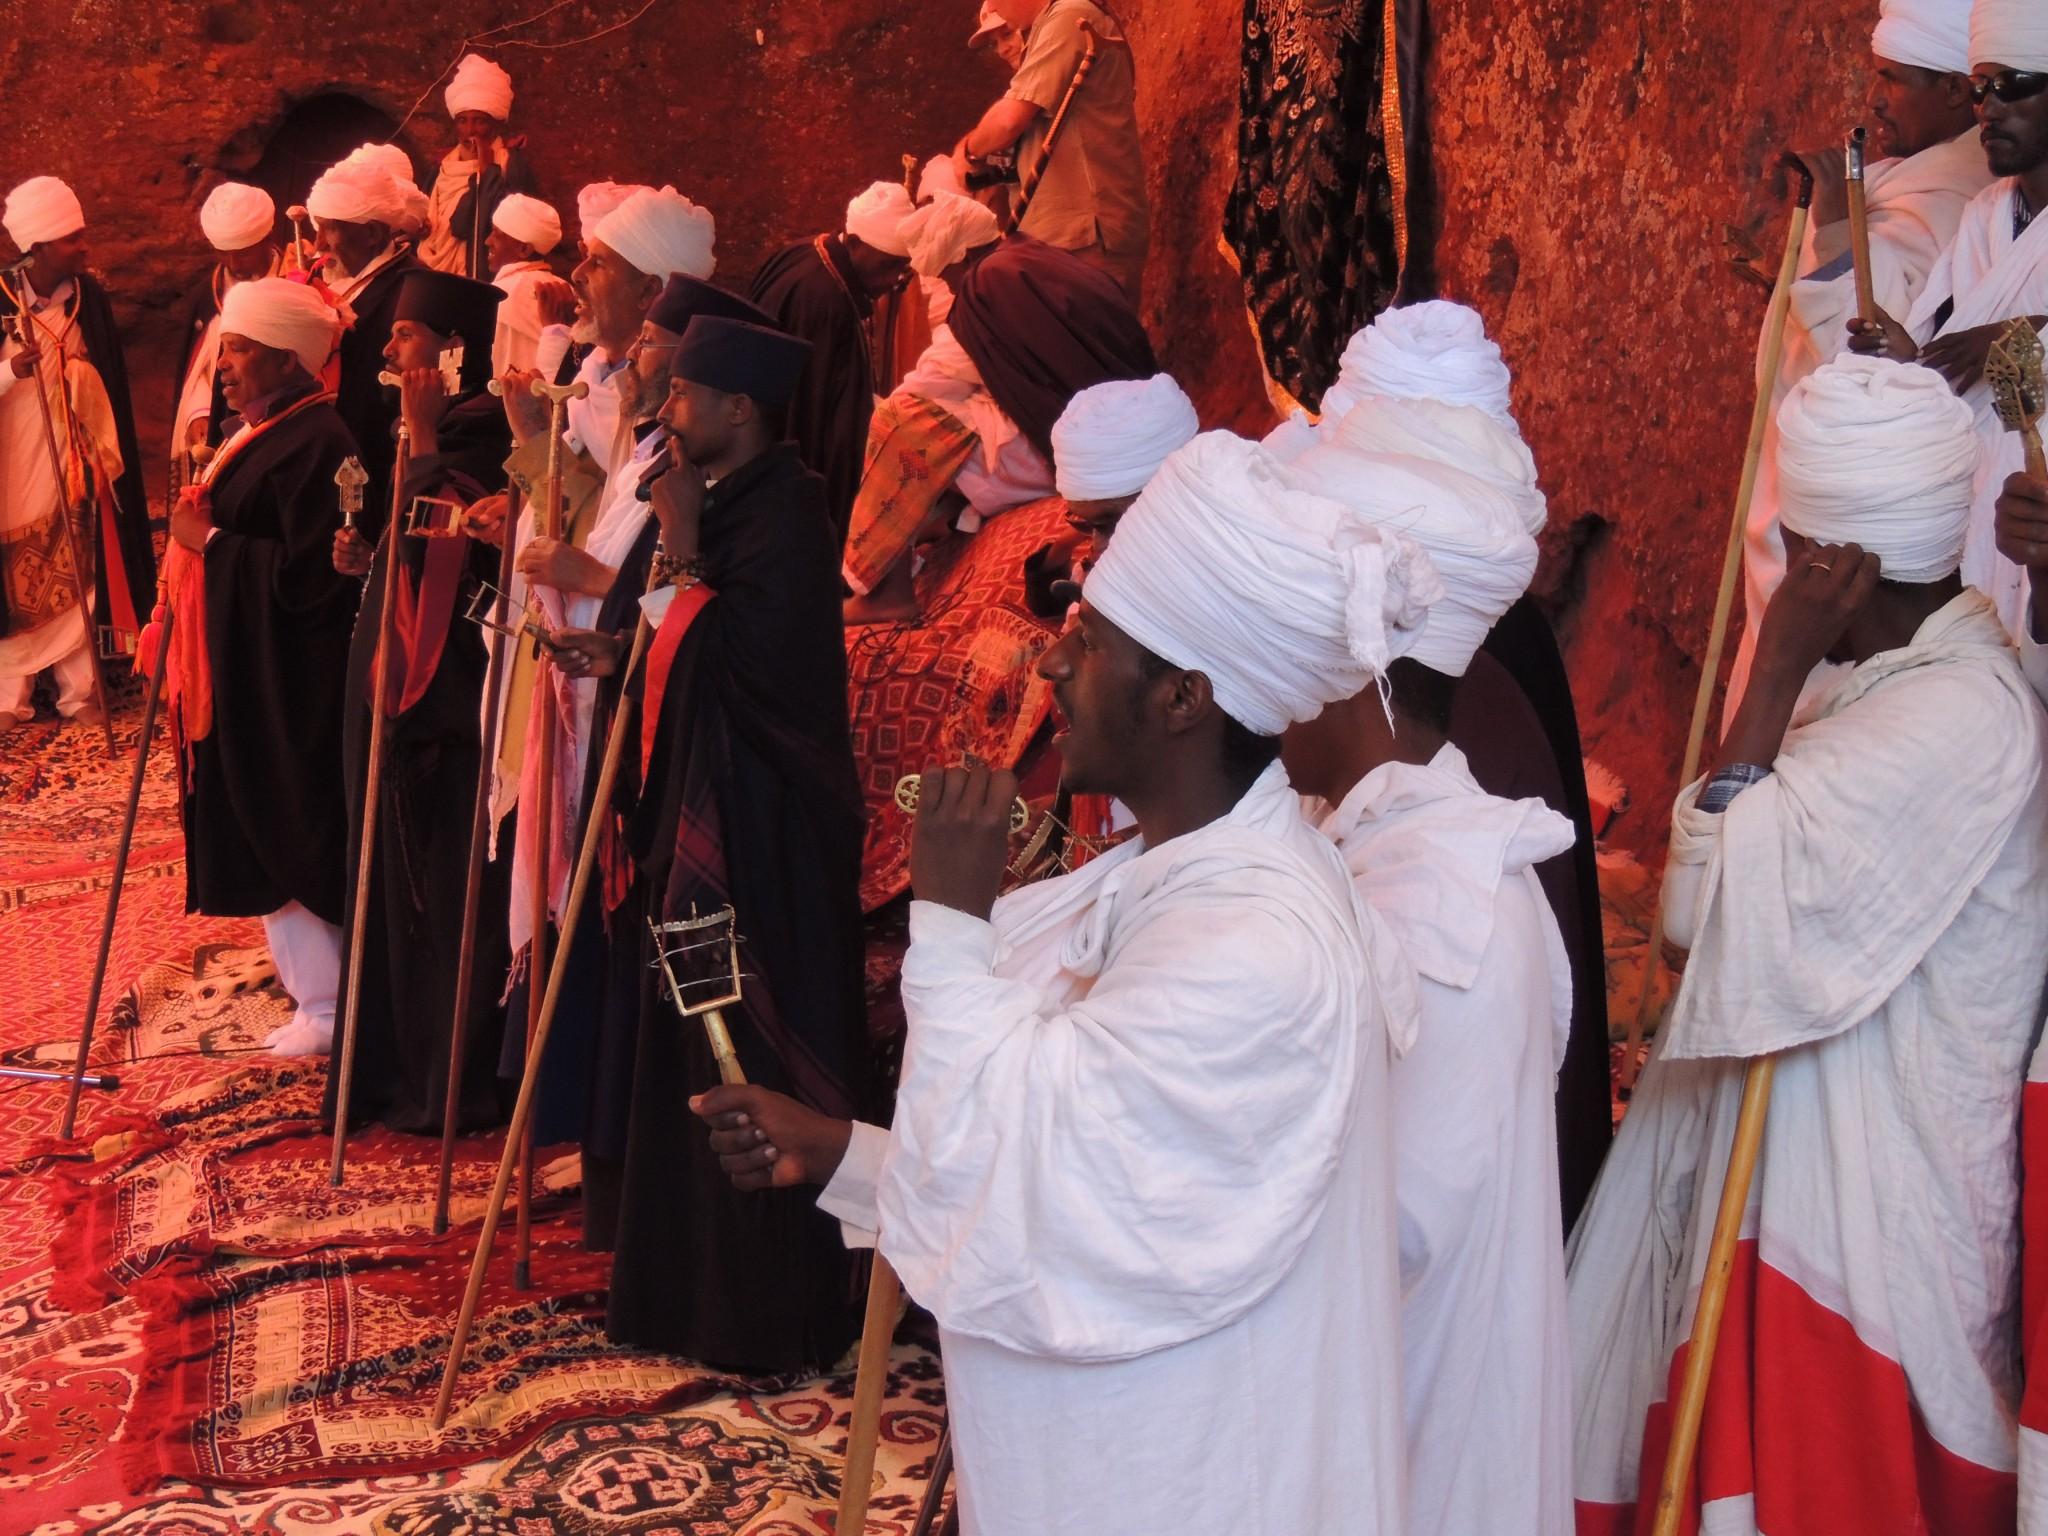 Groepsreis Ethiopië, een land met cultuur, natuur en unieke volkeren12